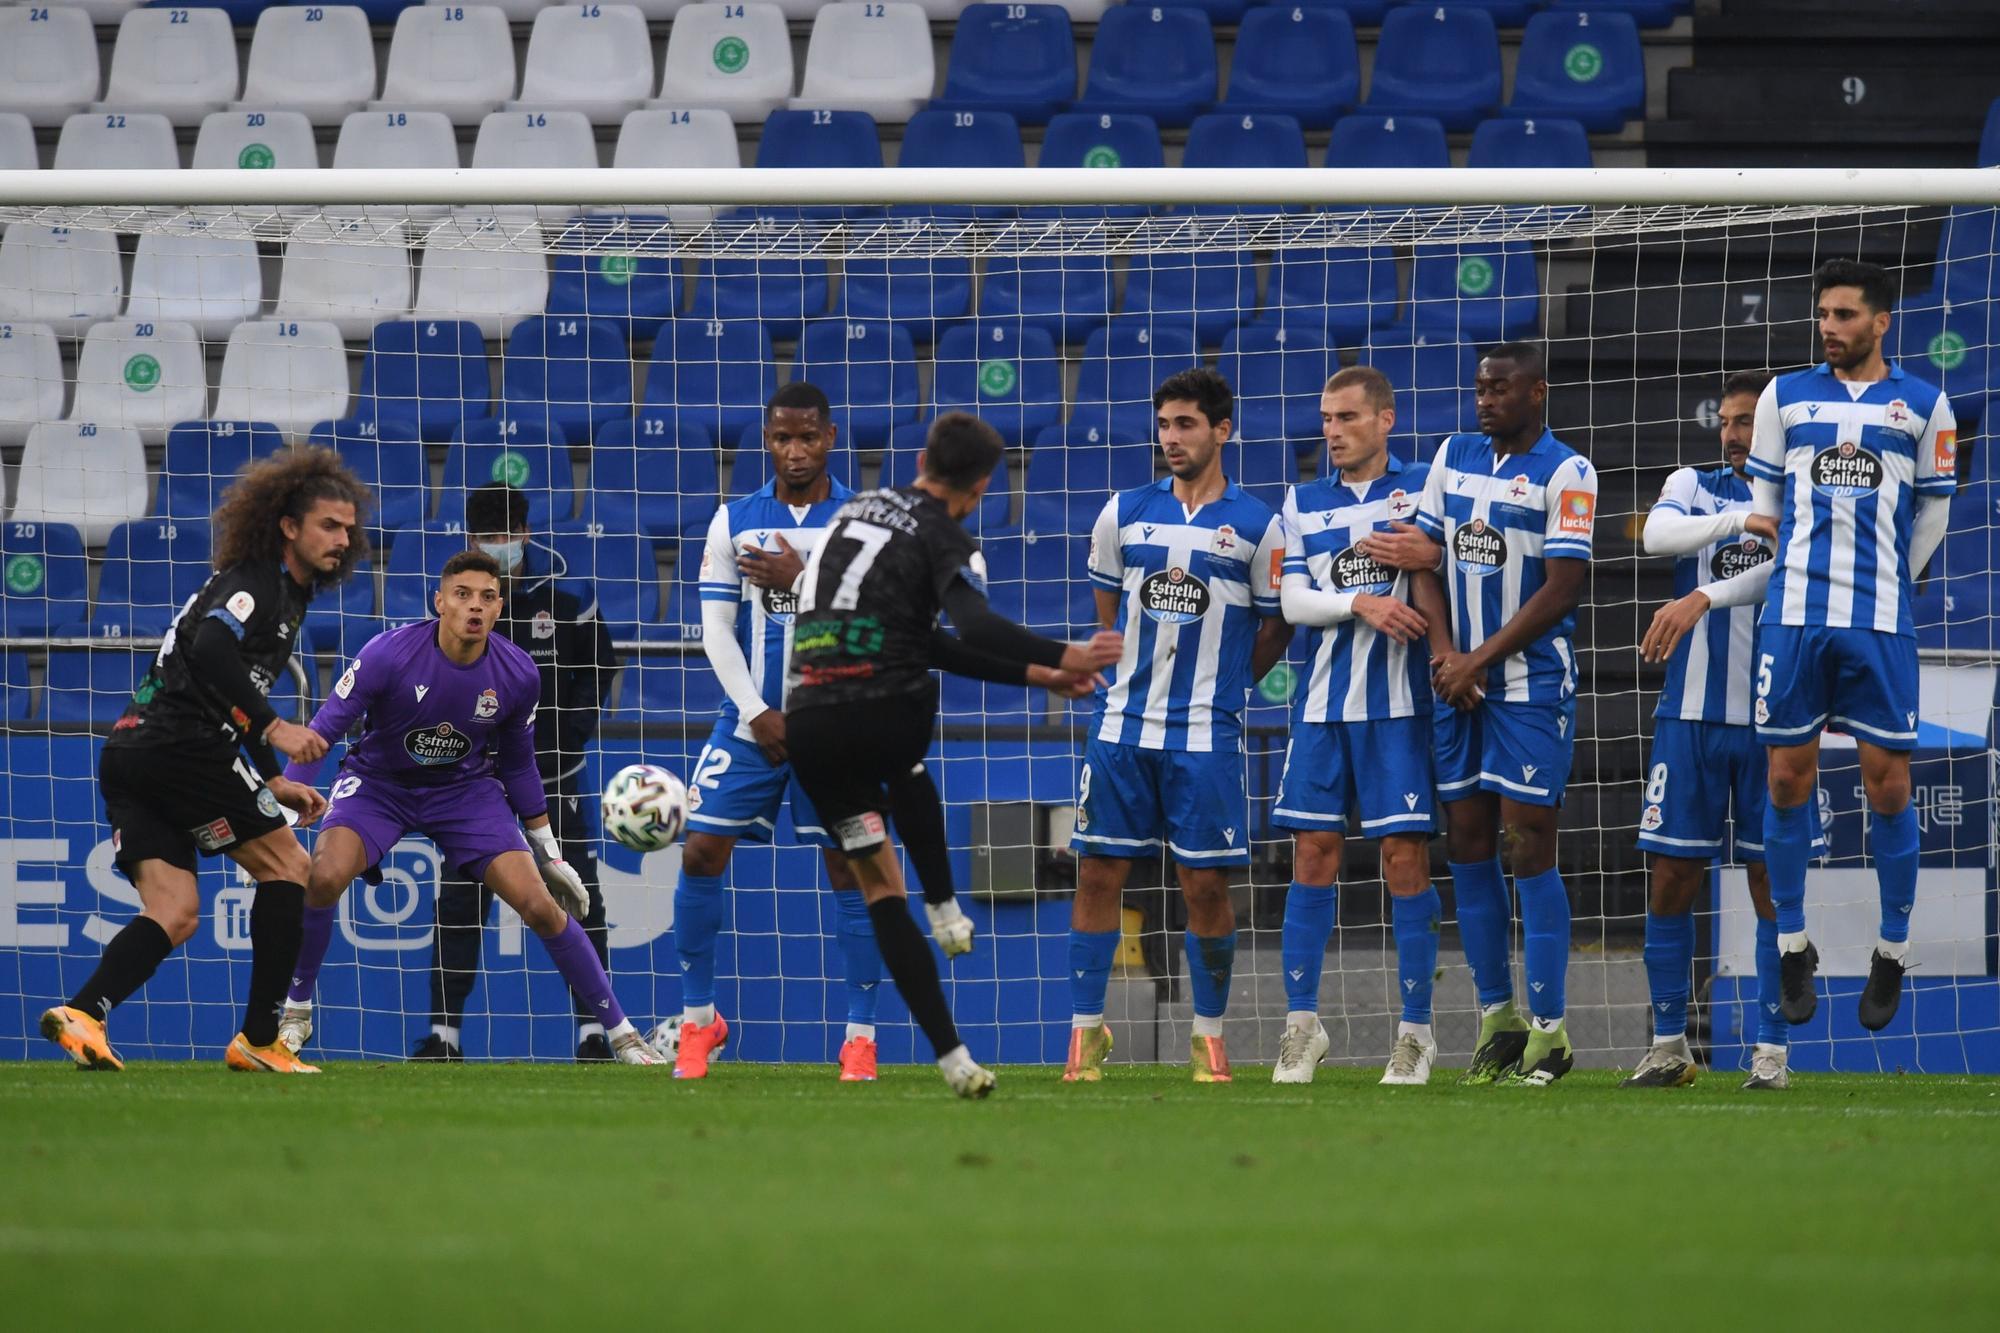 Copa del Rey | Deportivo 1 - 0 El Ejido